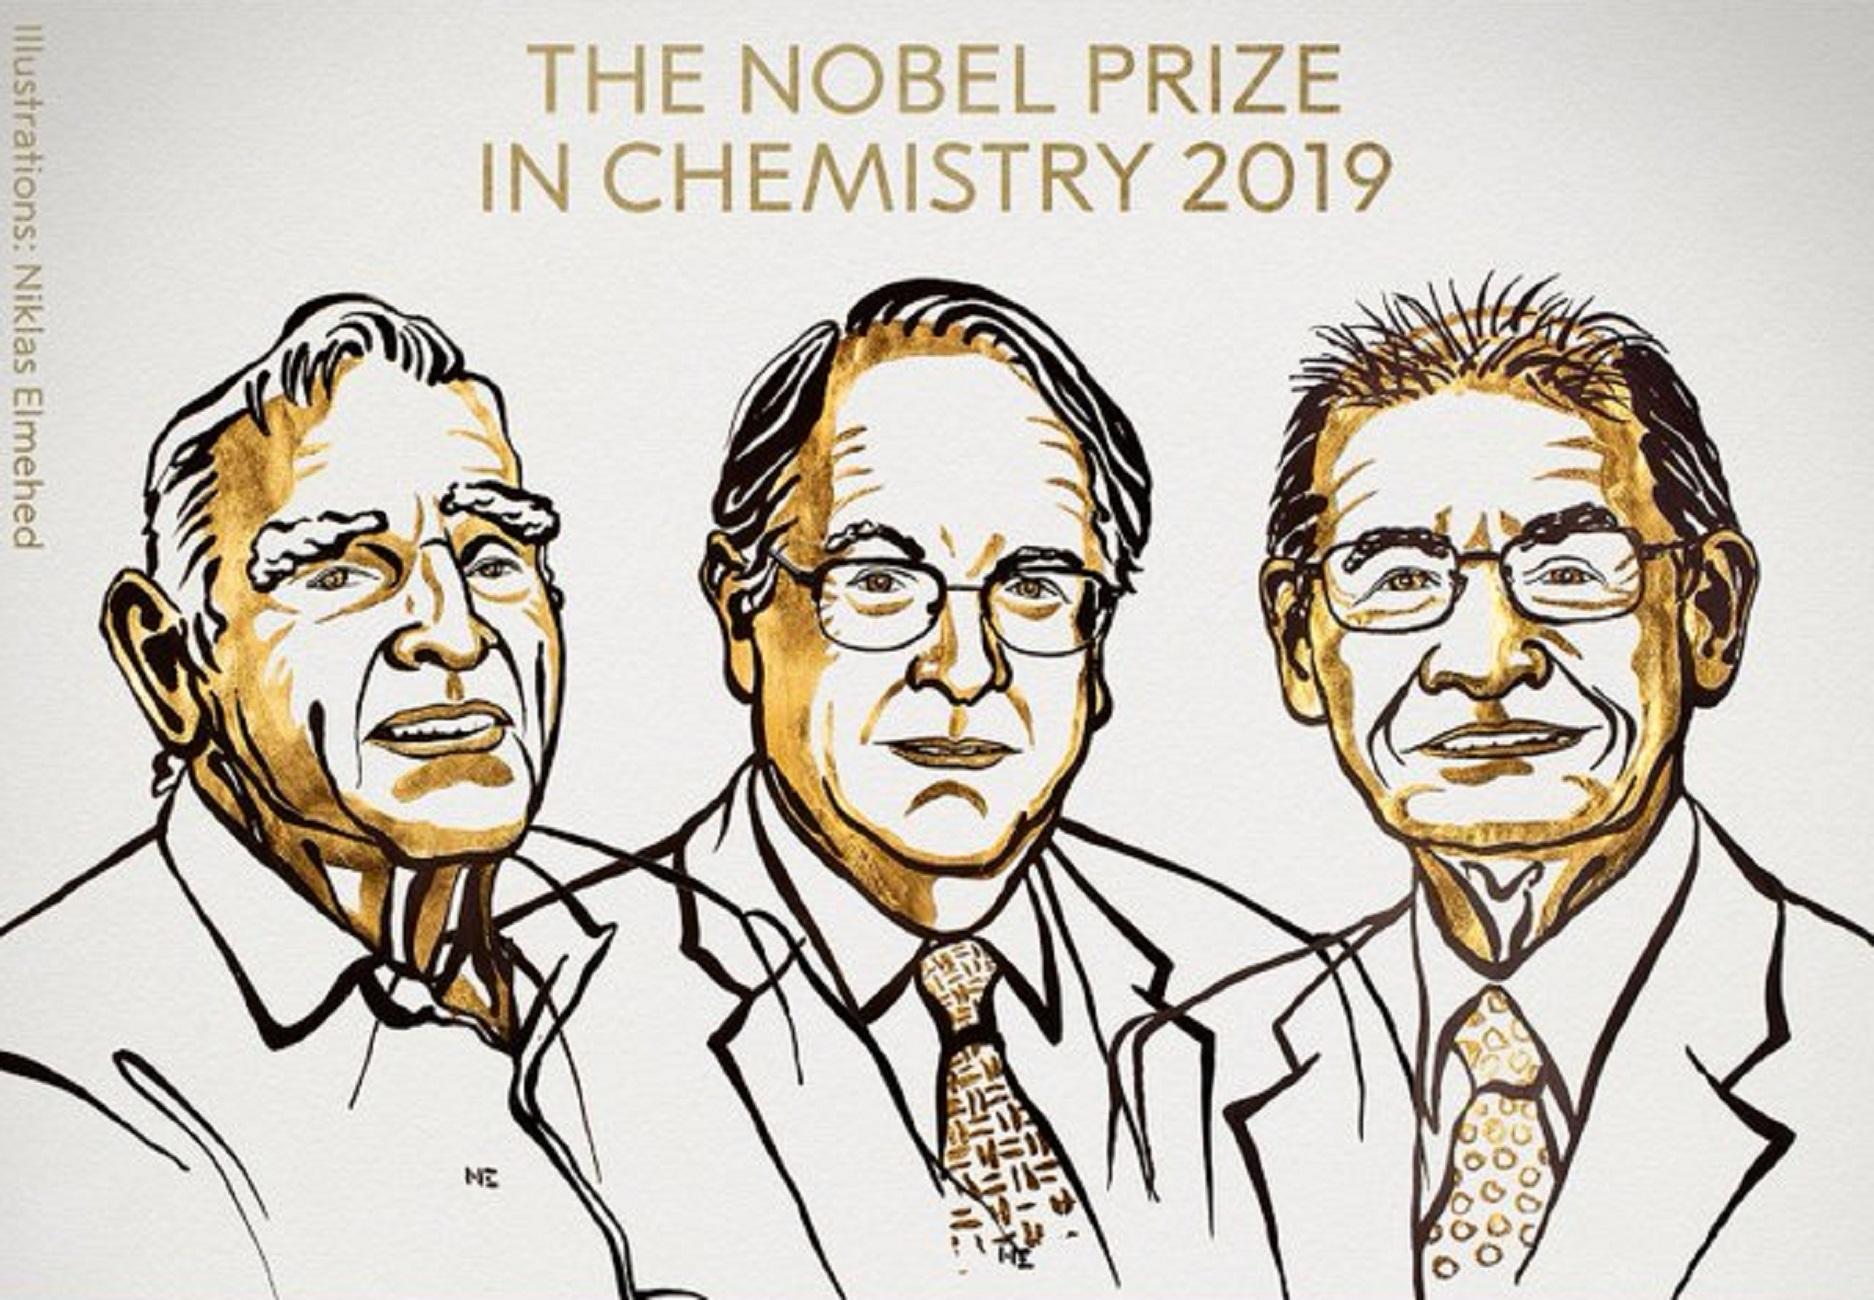 Πήρε το Νόμπελ Χημείας στα 97 του και έσπασε όλα τα Ρεκορ! Οι τρεις νικητές και ο λόγος που κέρδισαν το βραβείο